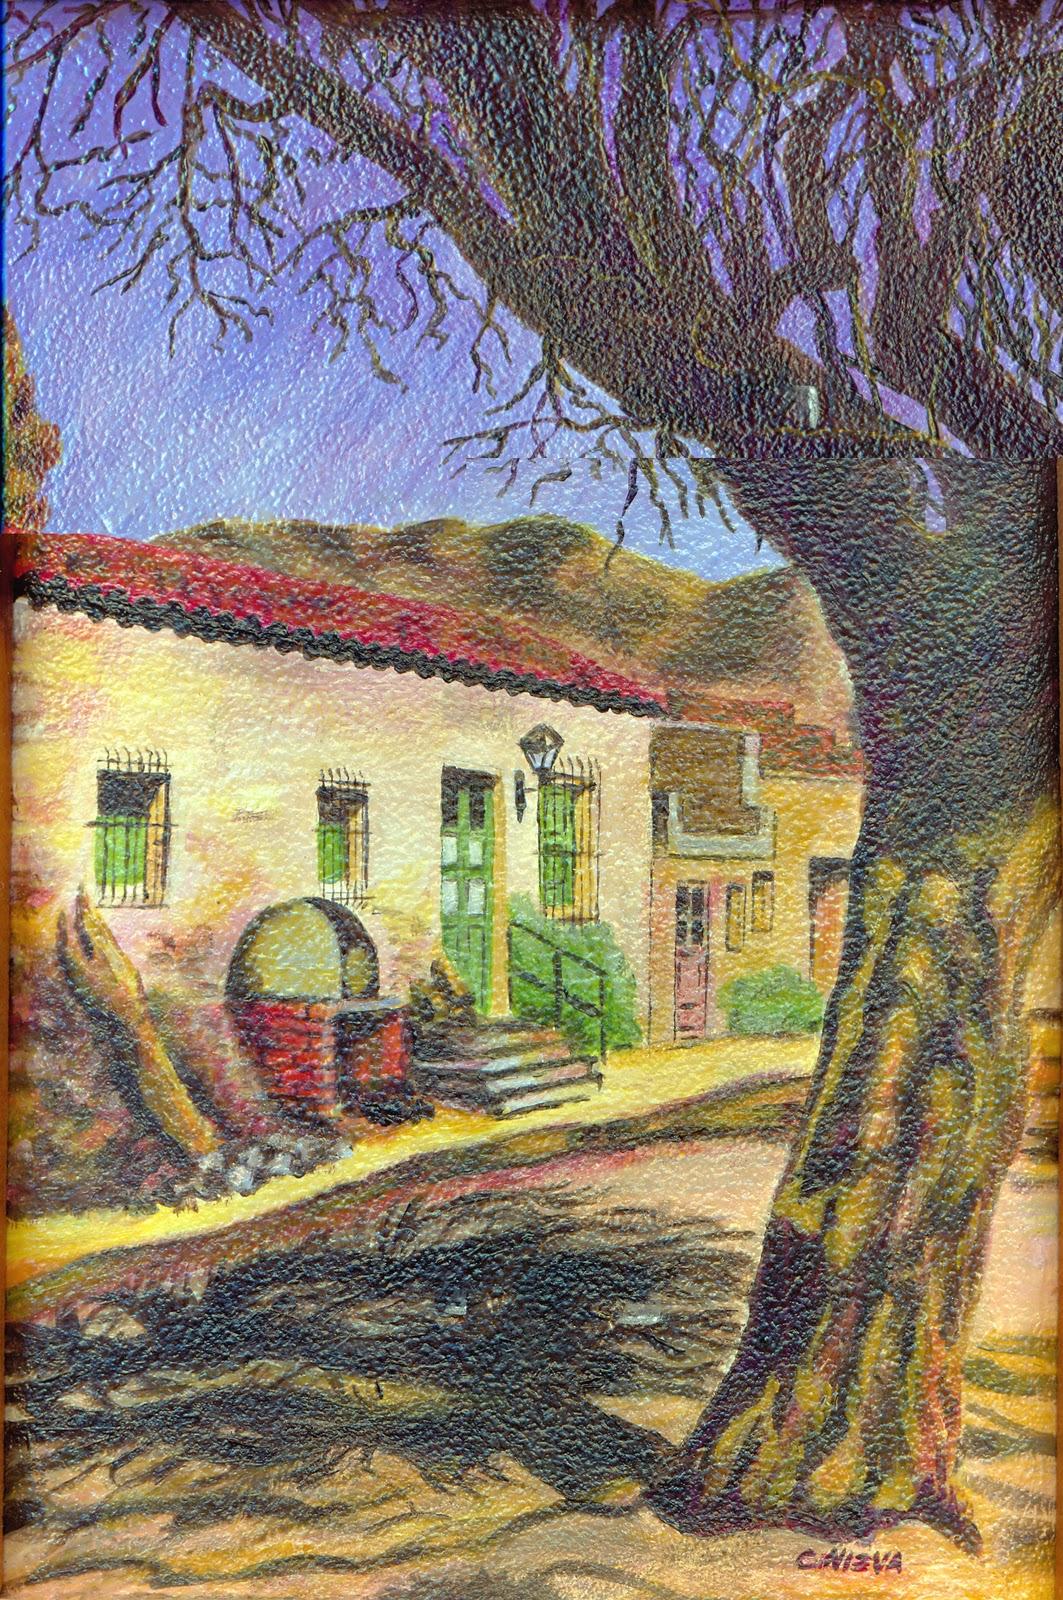 Fanaticomics pinturas for Pinturas para casas de campo